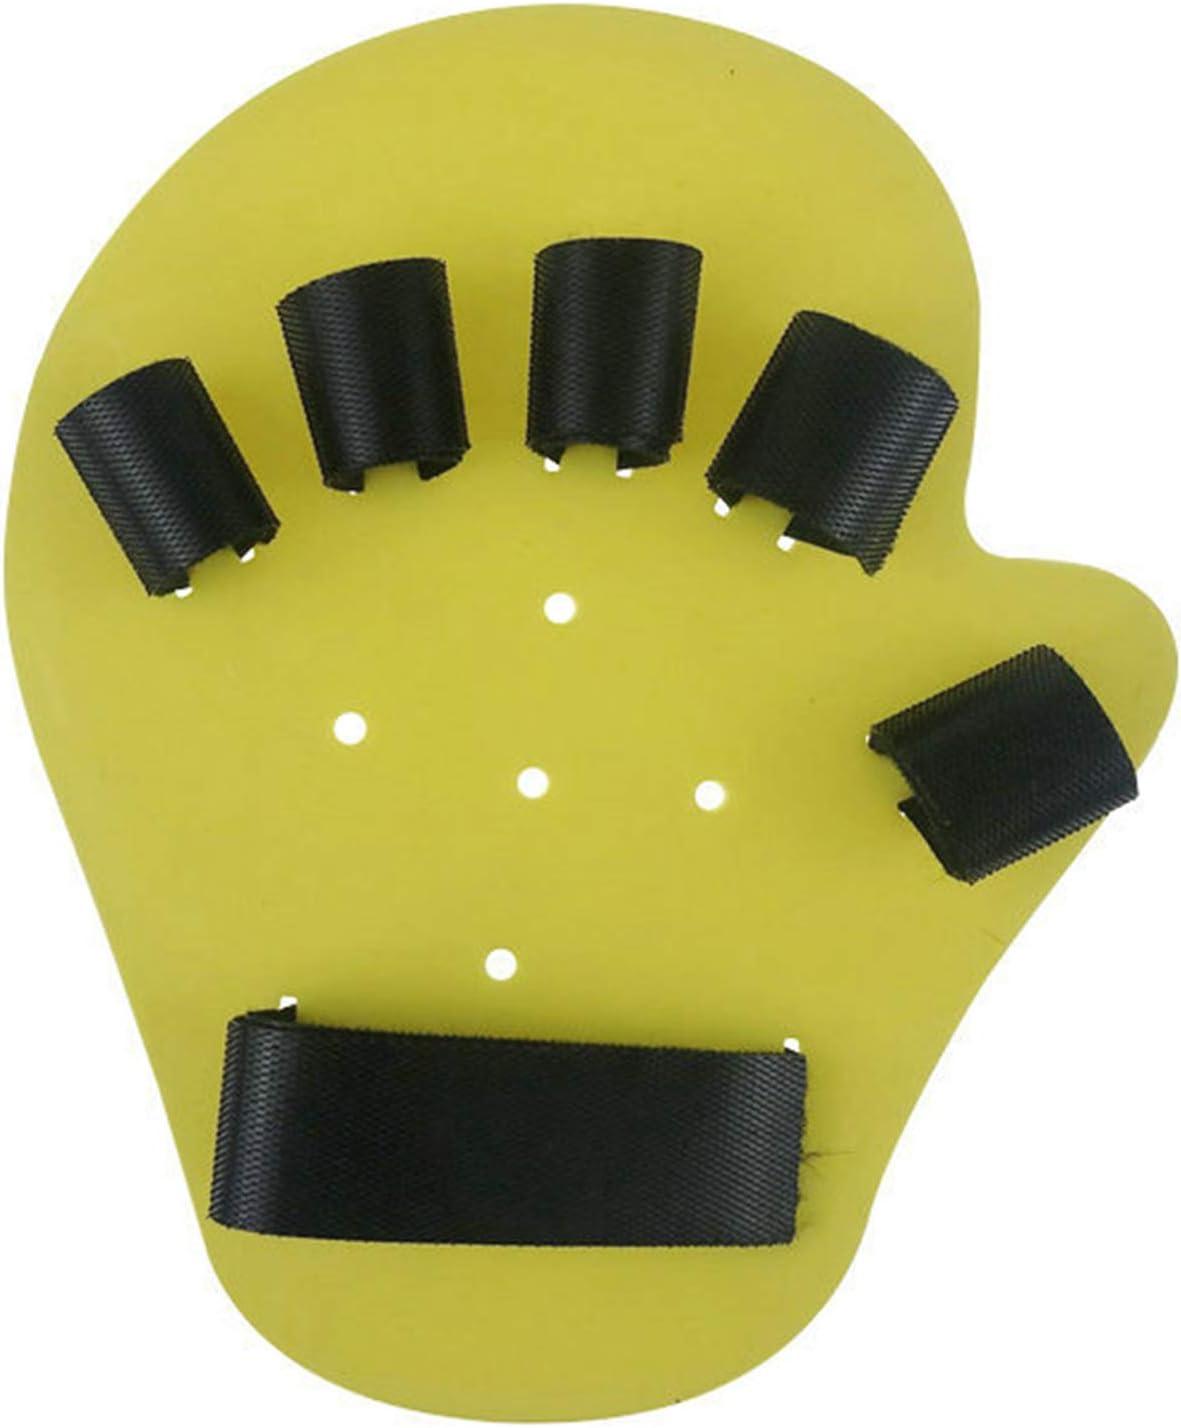 ortesis de muñeca del dedo para niños, dispositivos de rehabilitación de trazos, extensión, tabla de entrenamiento ortopédica para muñeca, traje ortopédico para dedos para niños de 5 a 11 años